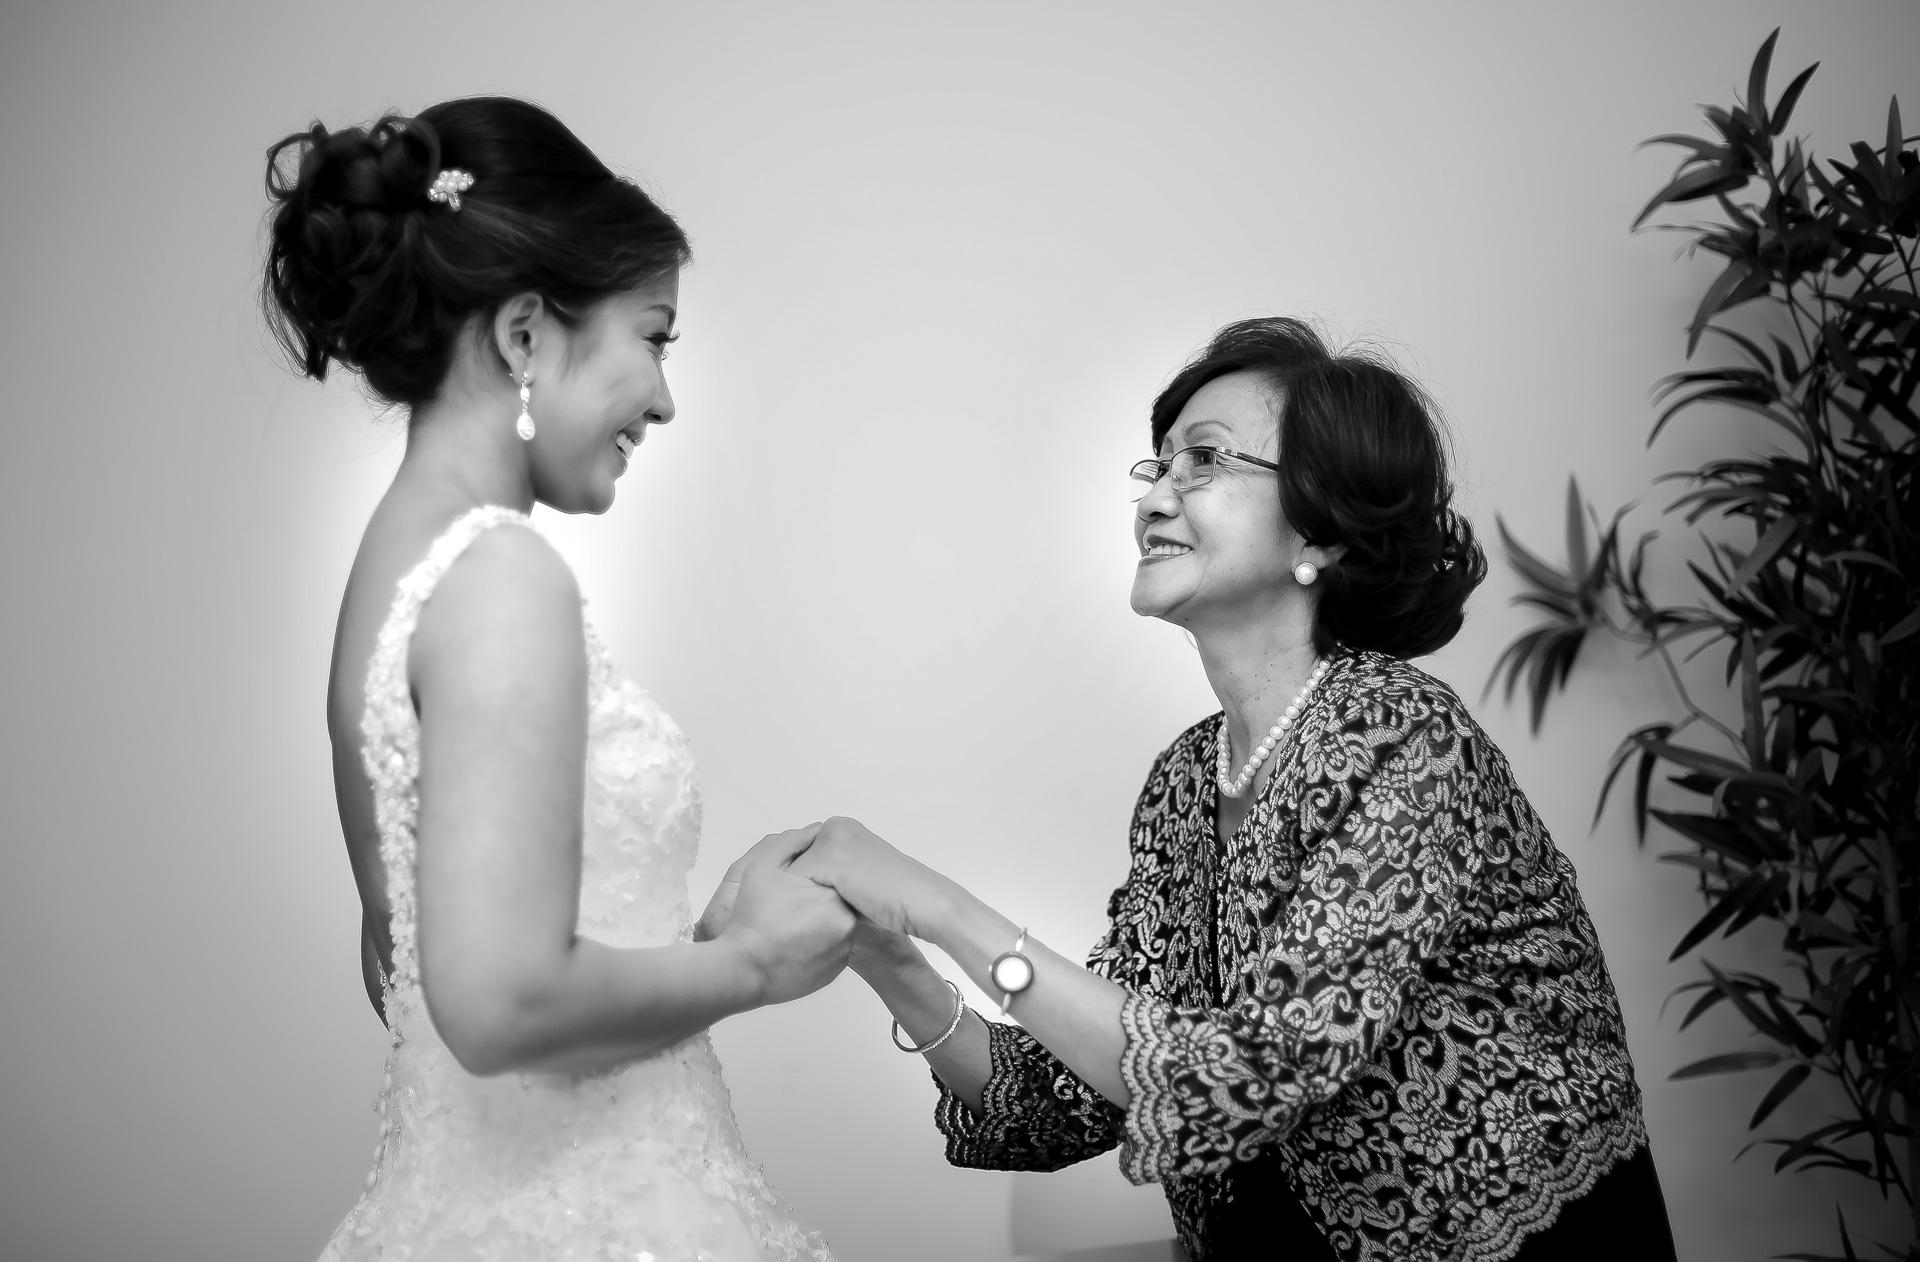 Fotógrafos-de-bodas-en-Colombia-Fidel-y-Benneth-5 FIDEL + BENNETH